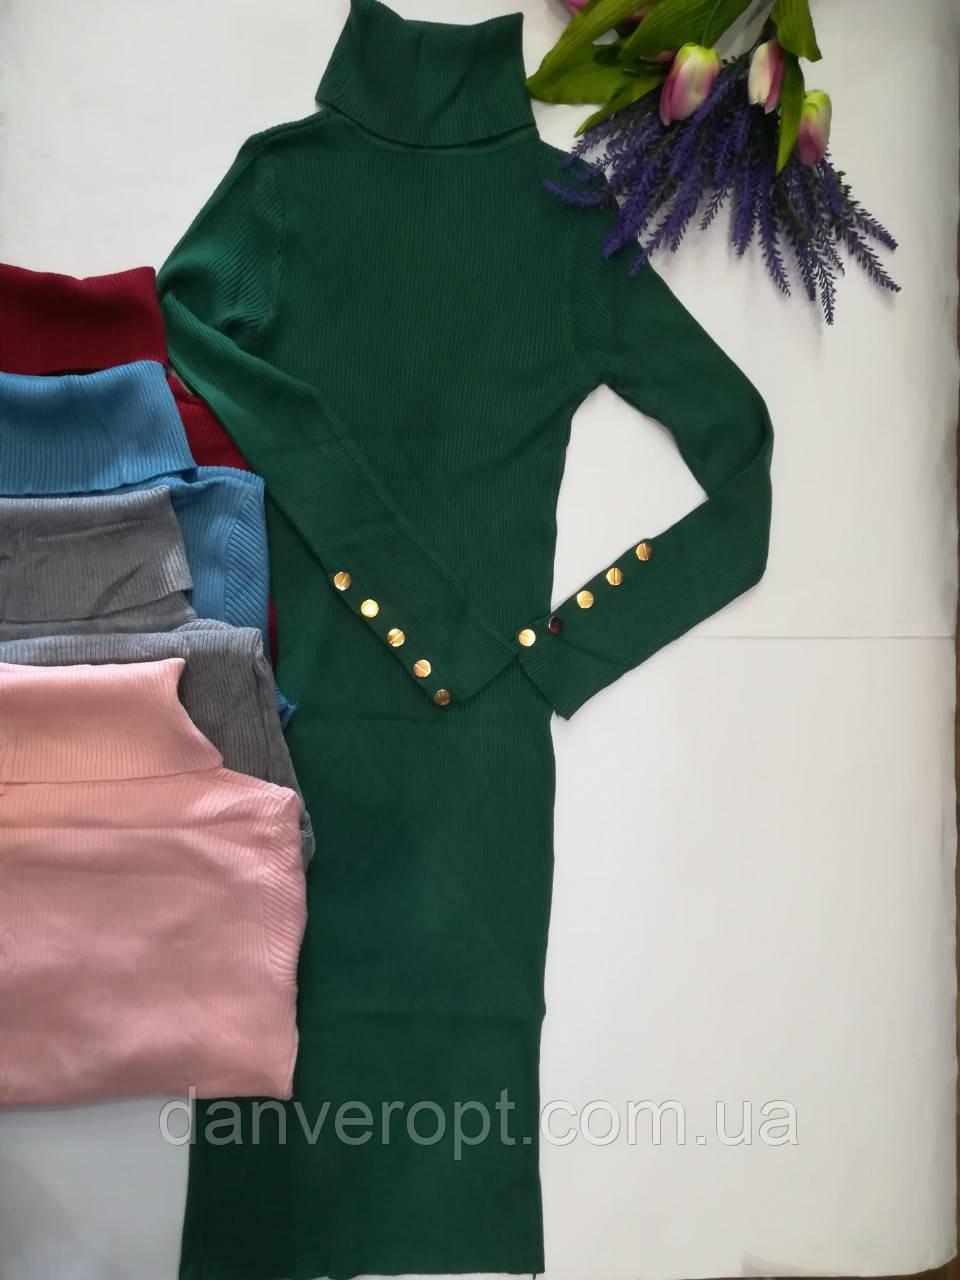 Платье женское стильное кашемировое размер универсальный 42-46 купить оптом со склада 7км Одесса